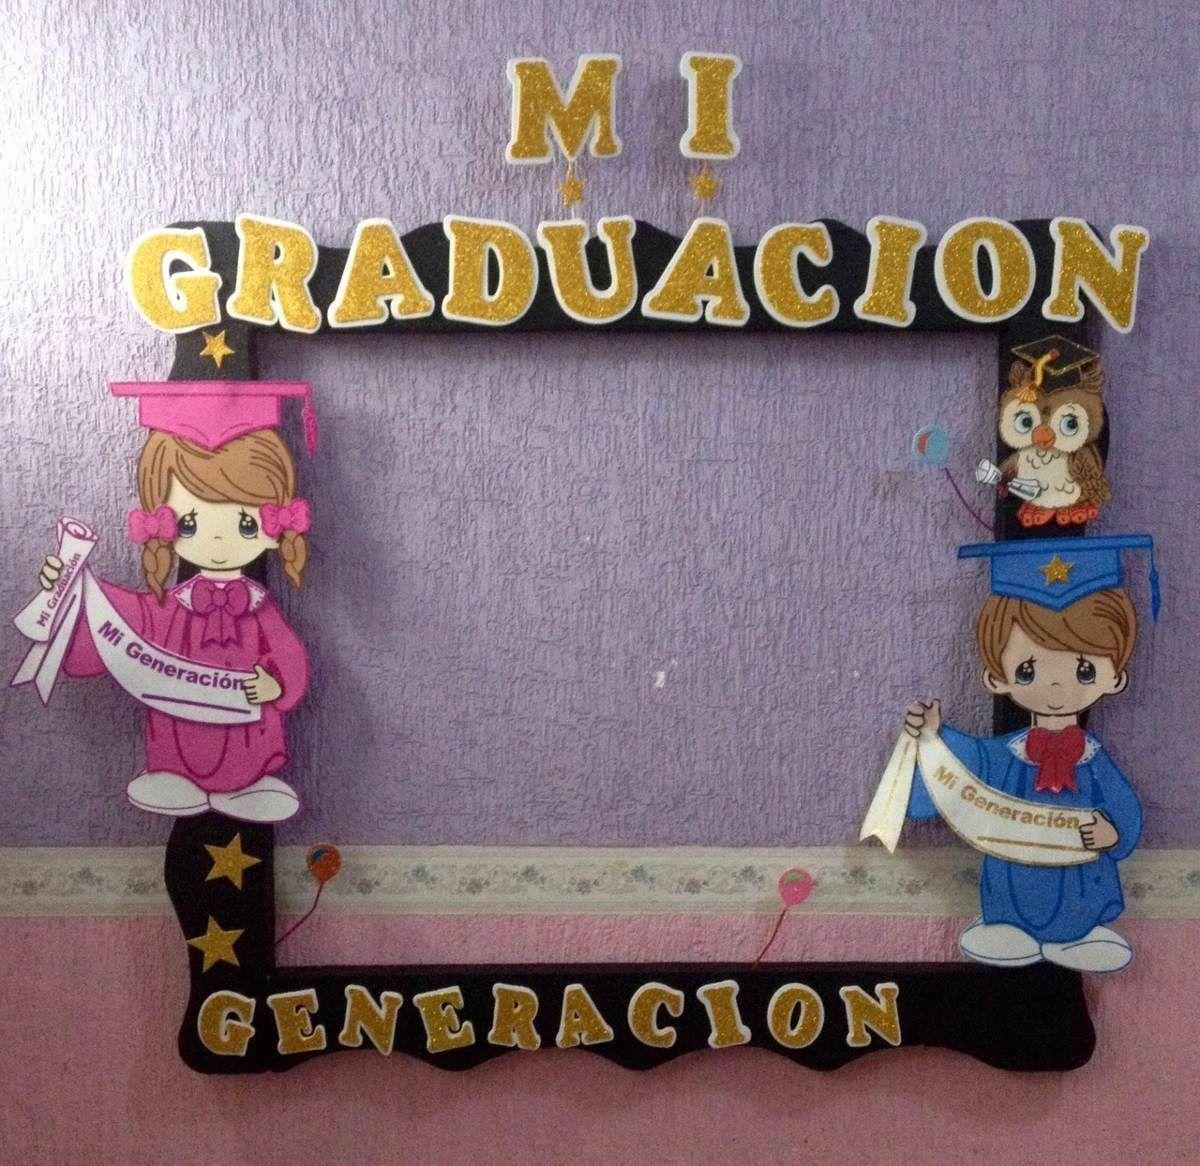 marcos porta fotos gigantes graduacion | graduacion | Pinterest ...